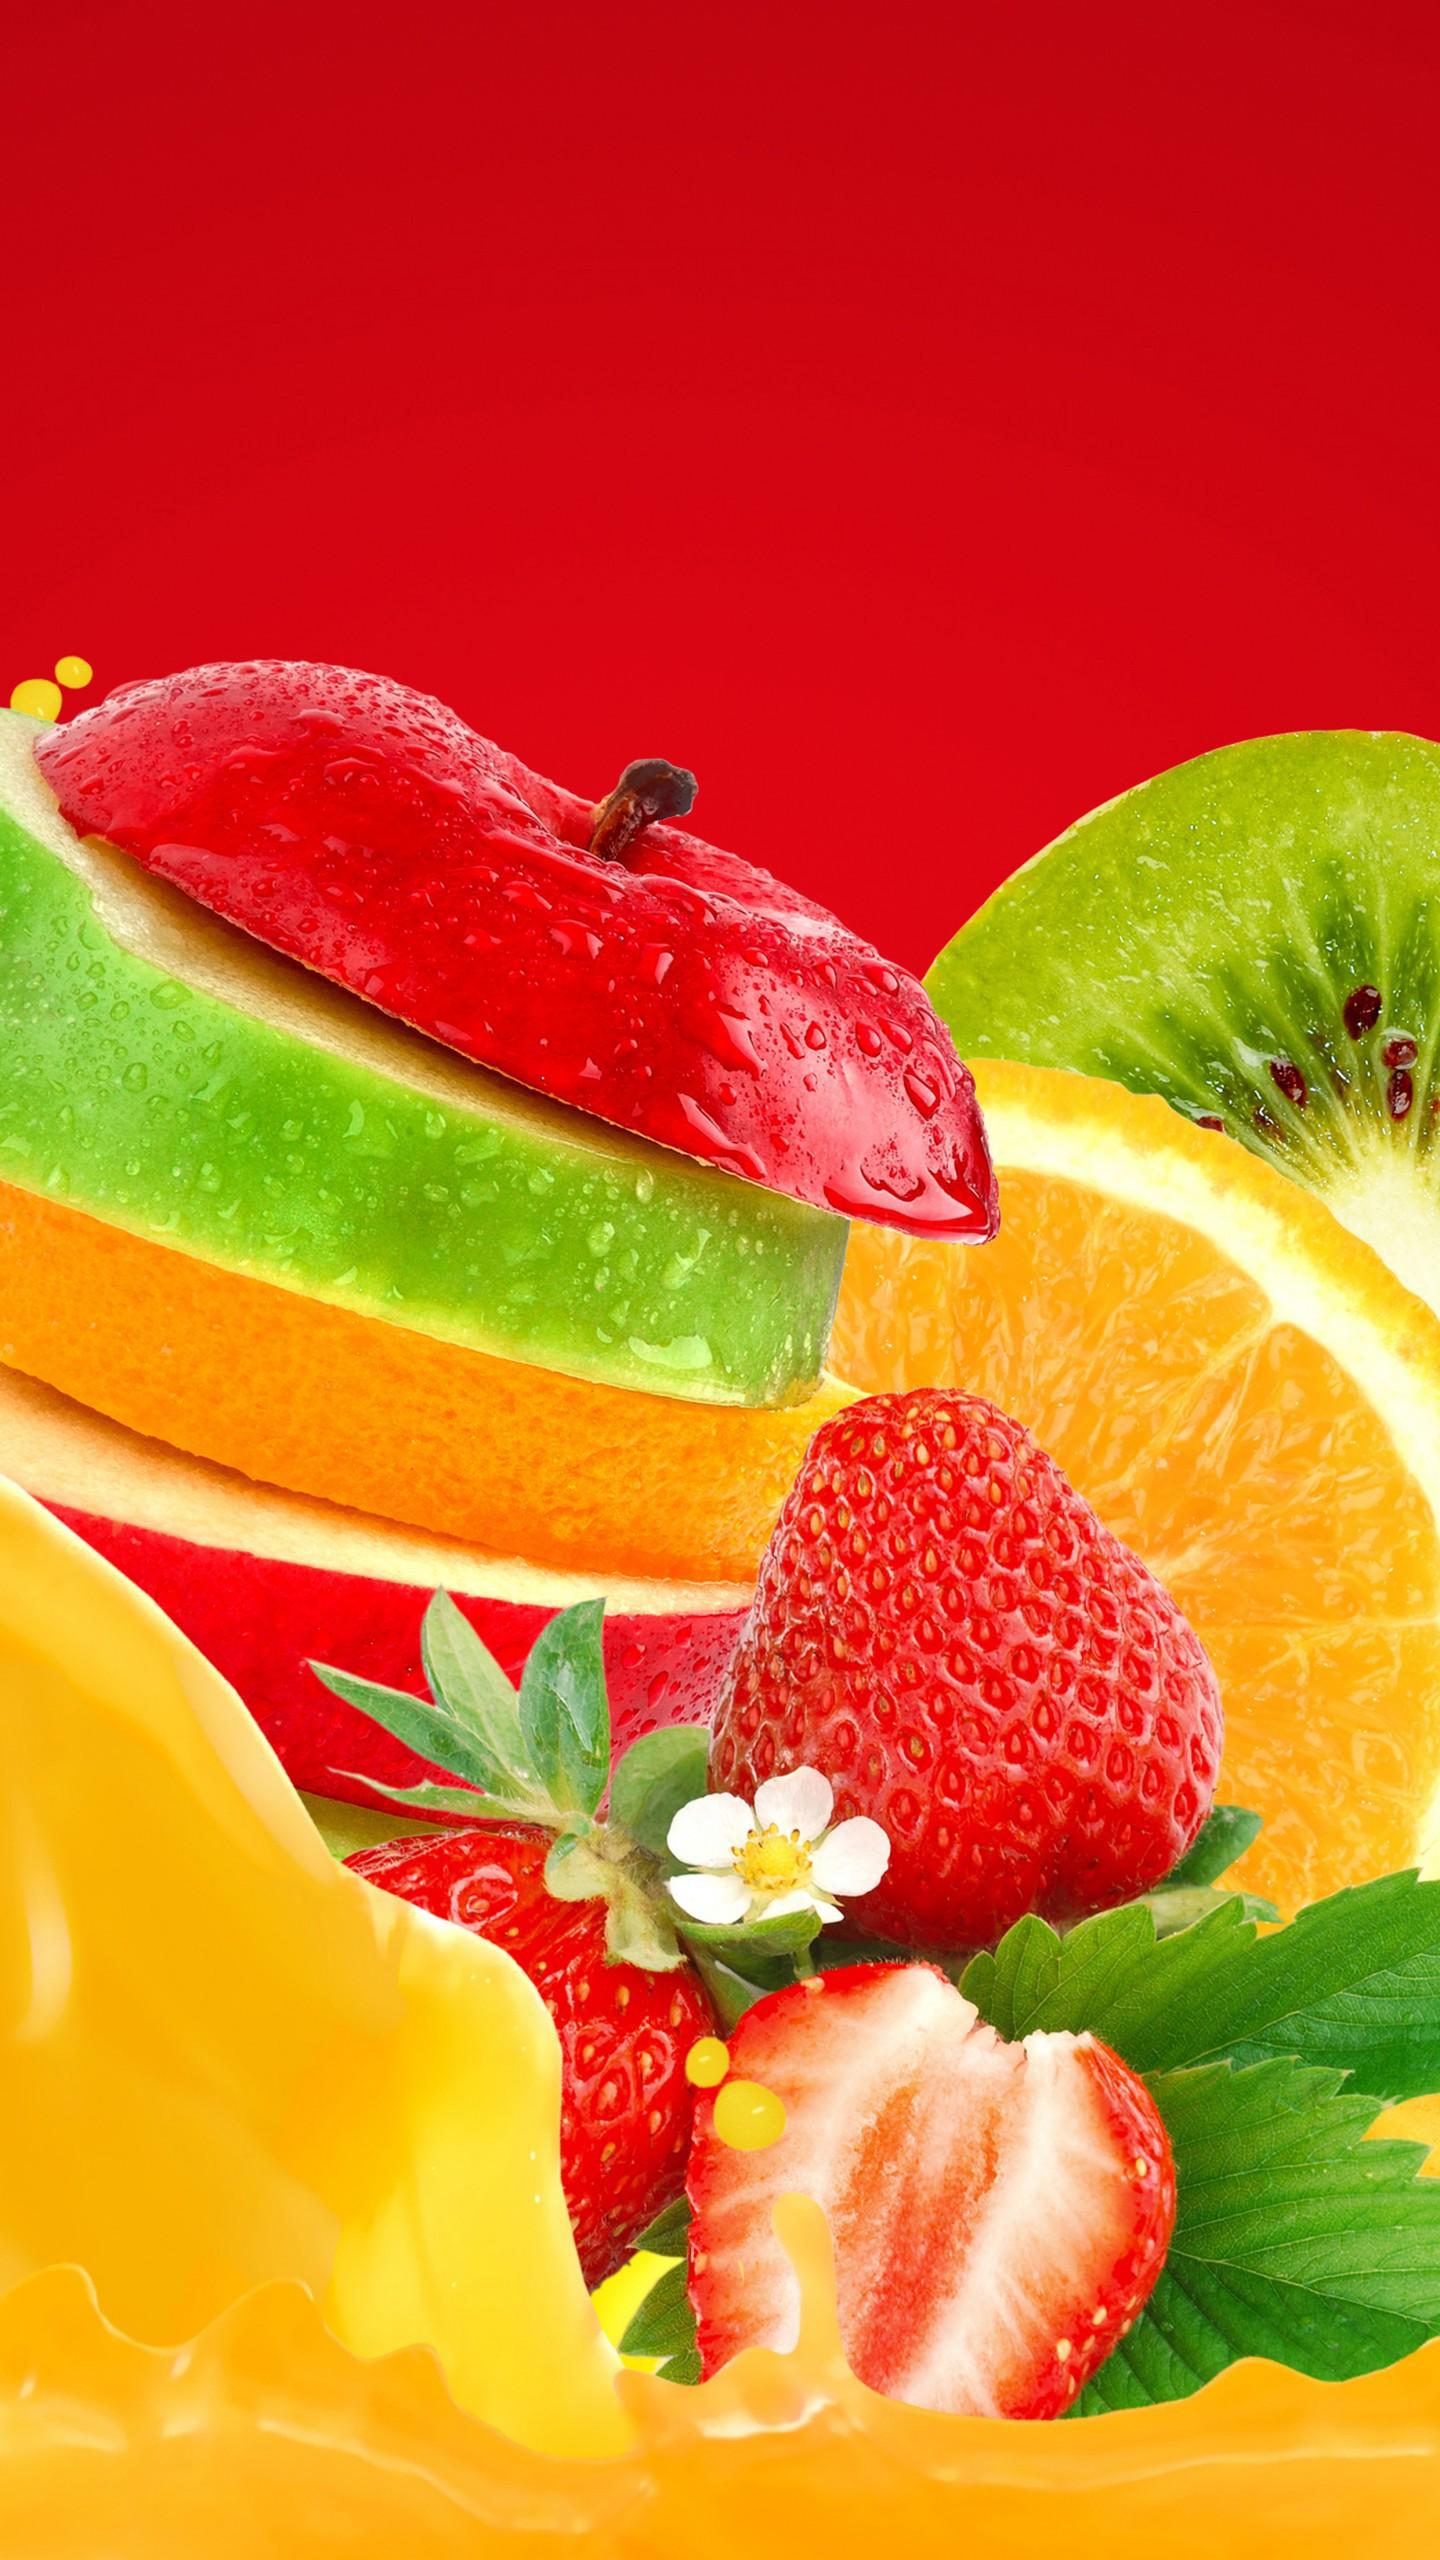 عکس زمینه میوه های رنگارنگ توت فرنگی موز سیب کیوی و پرتقال پس زمینه